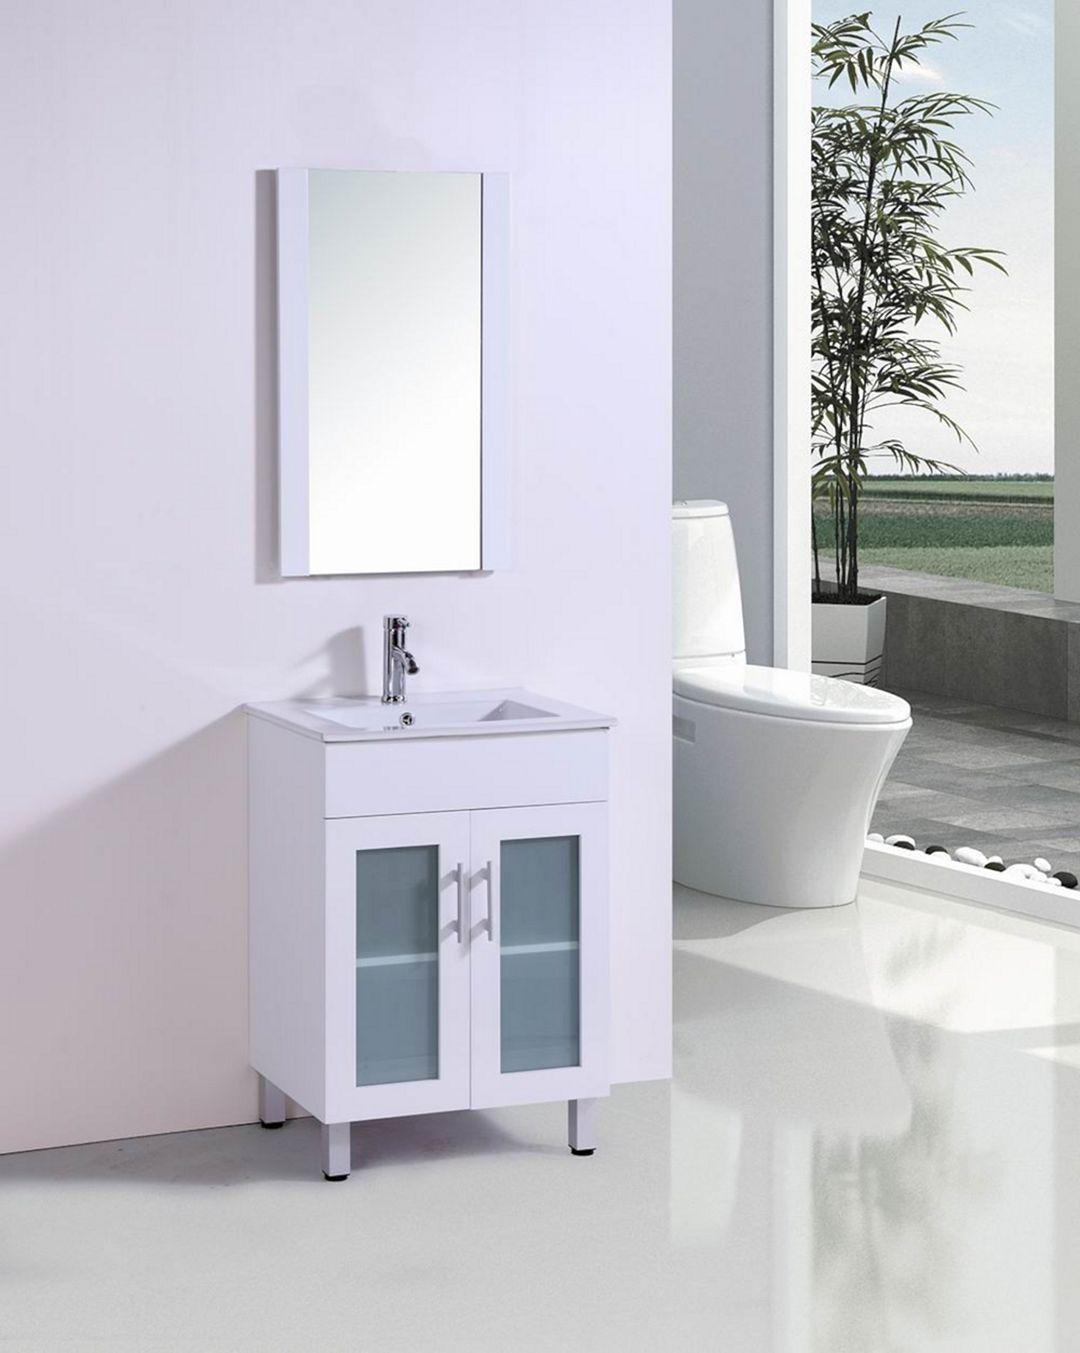 Top 20+ Minimalist Bathroom Vanity Ideas for Small ...